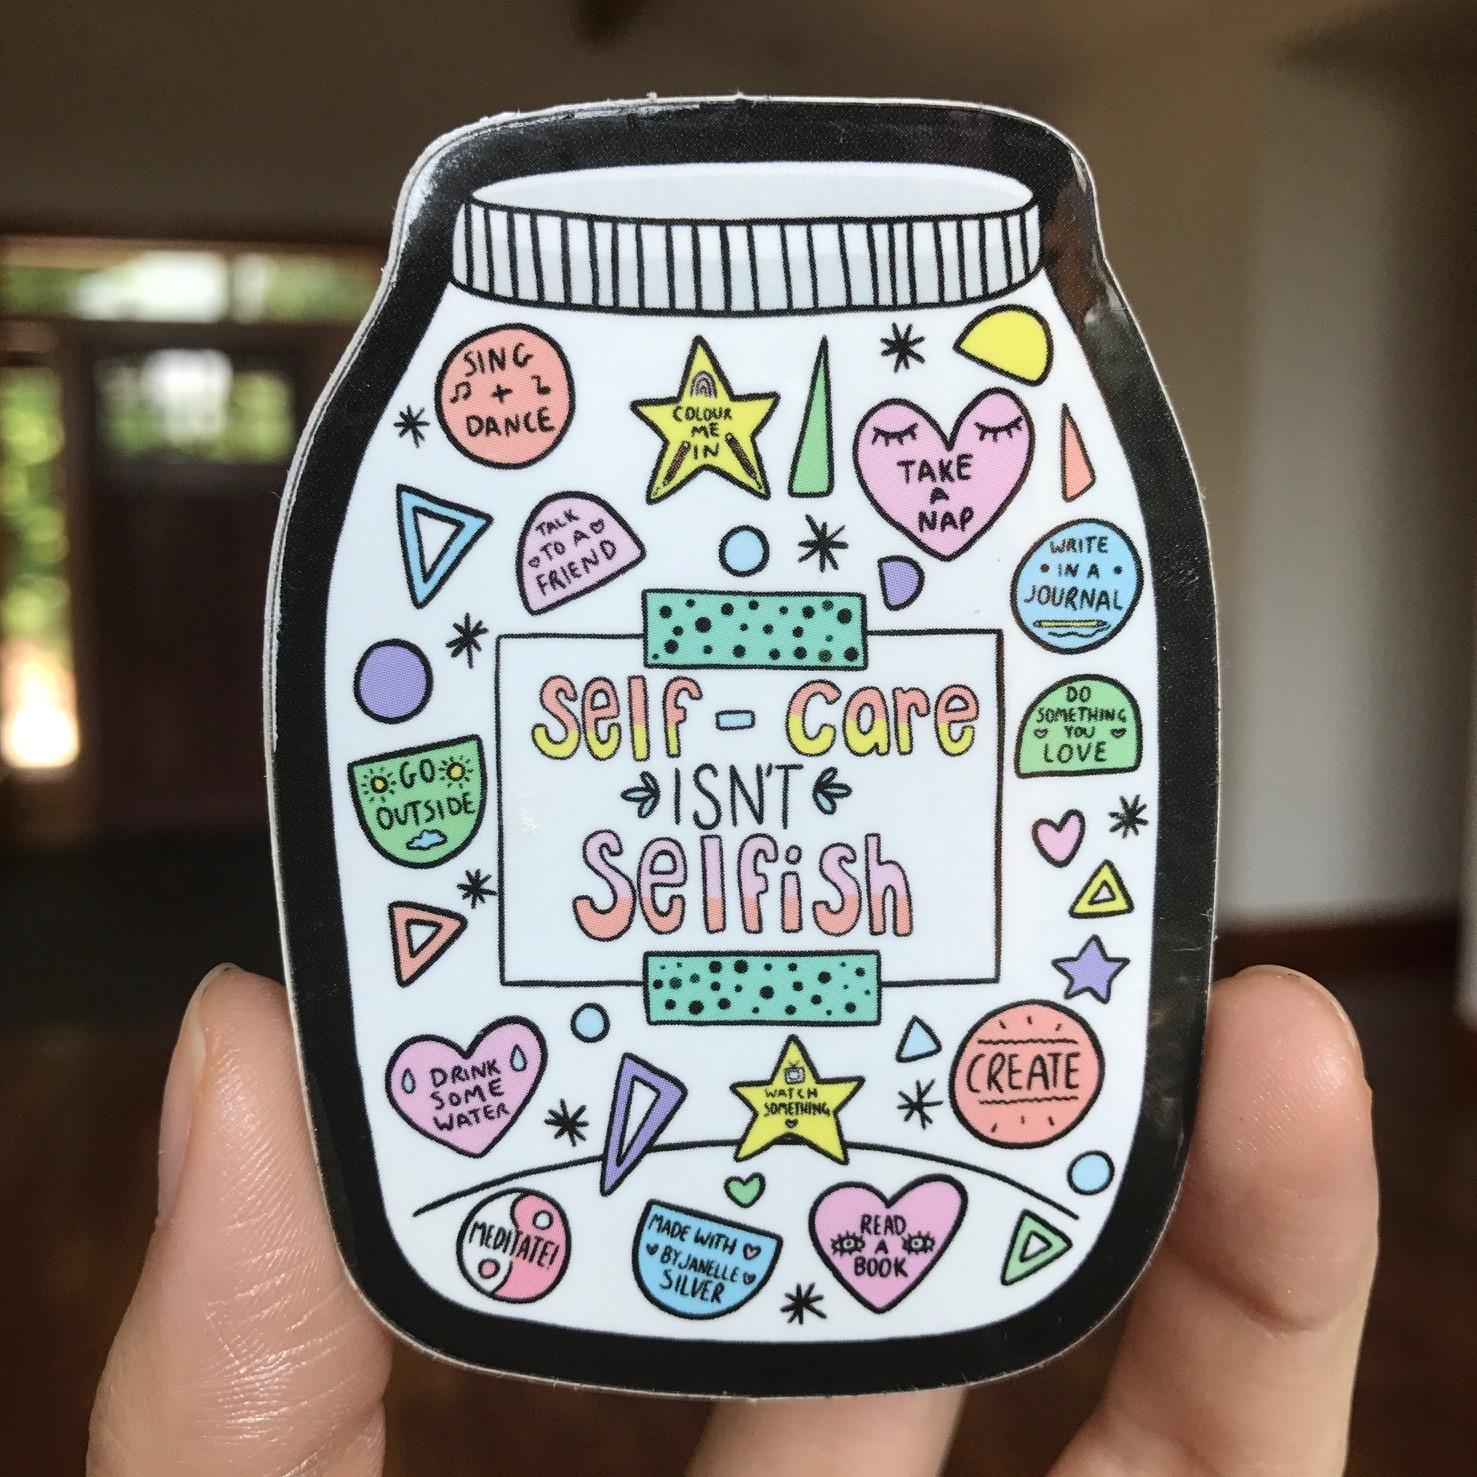 self-care isn't selfish sticker